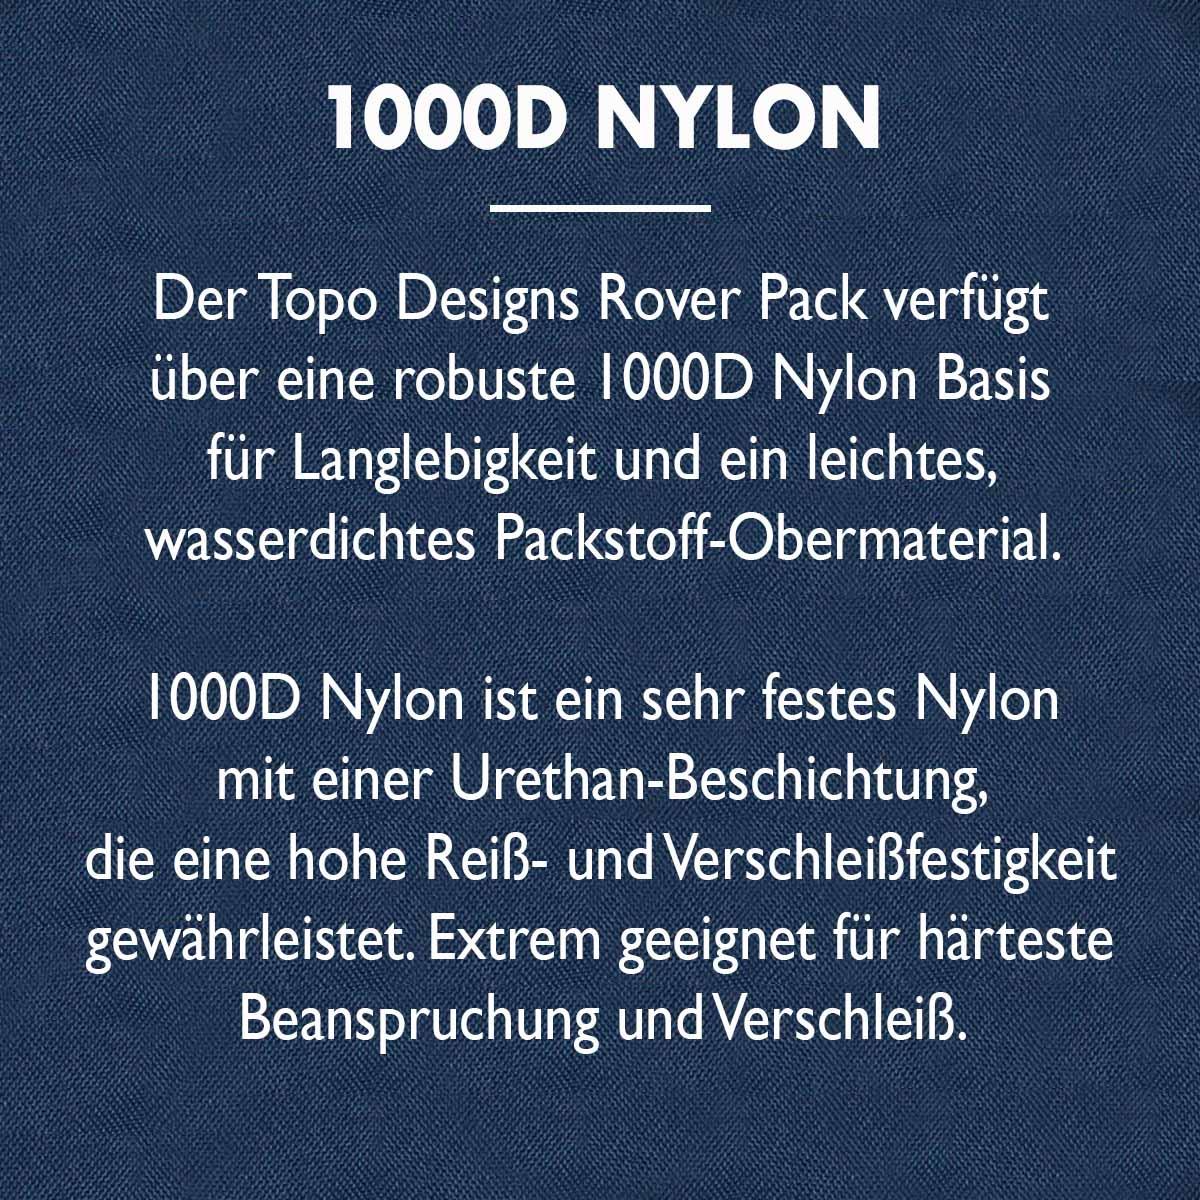 Topo Designs Rover Pack Classic 1000D Nylon